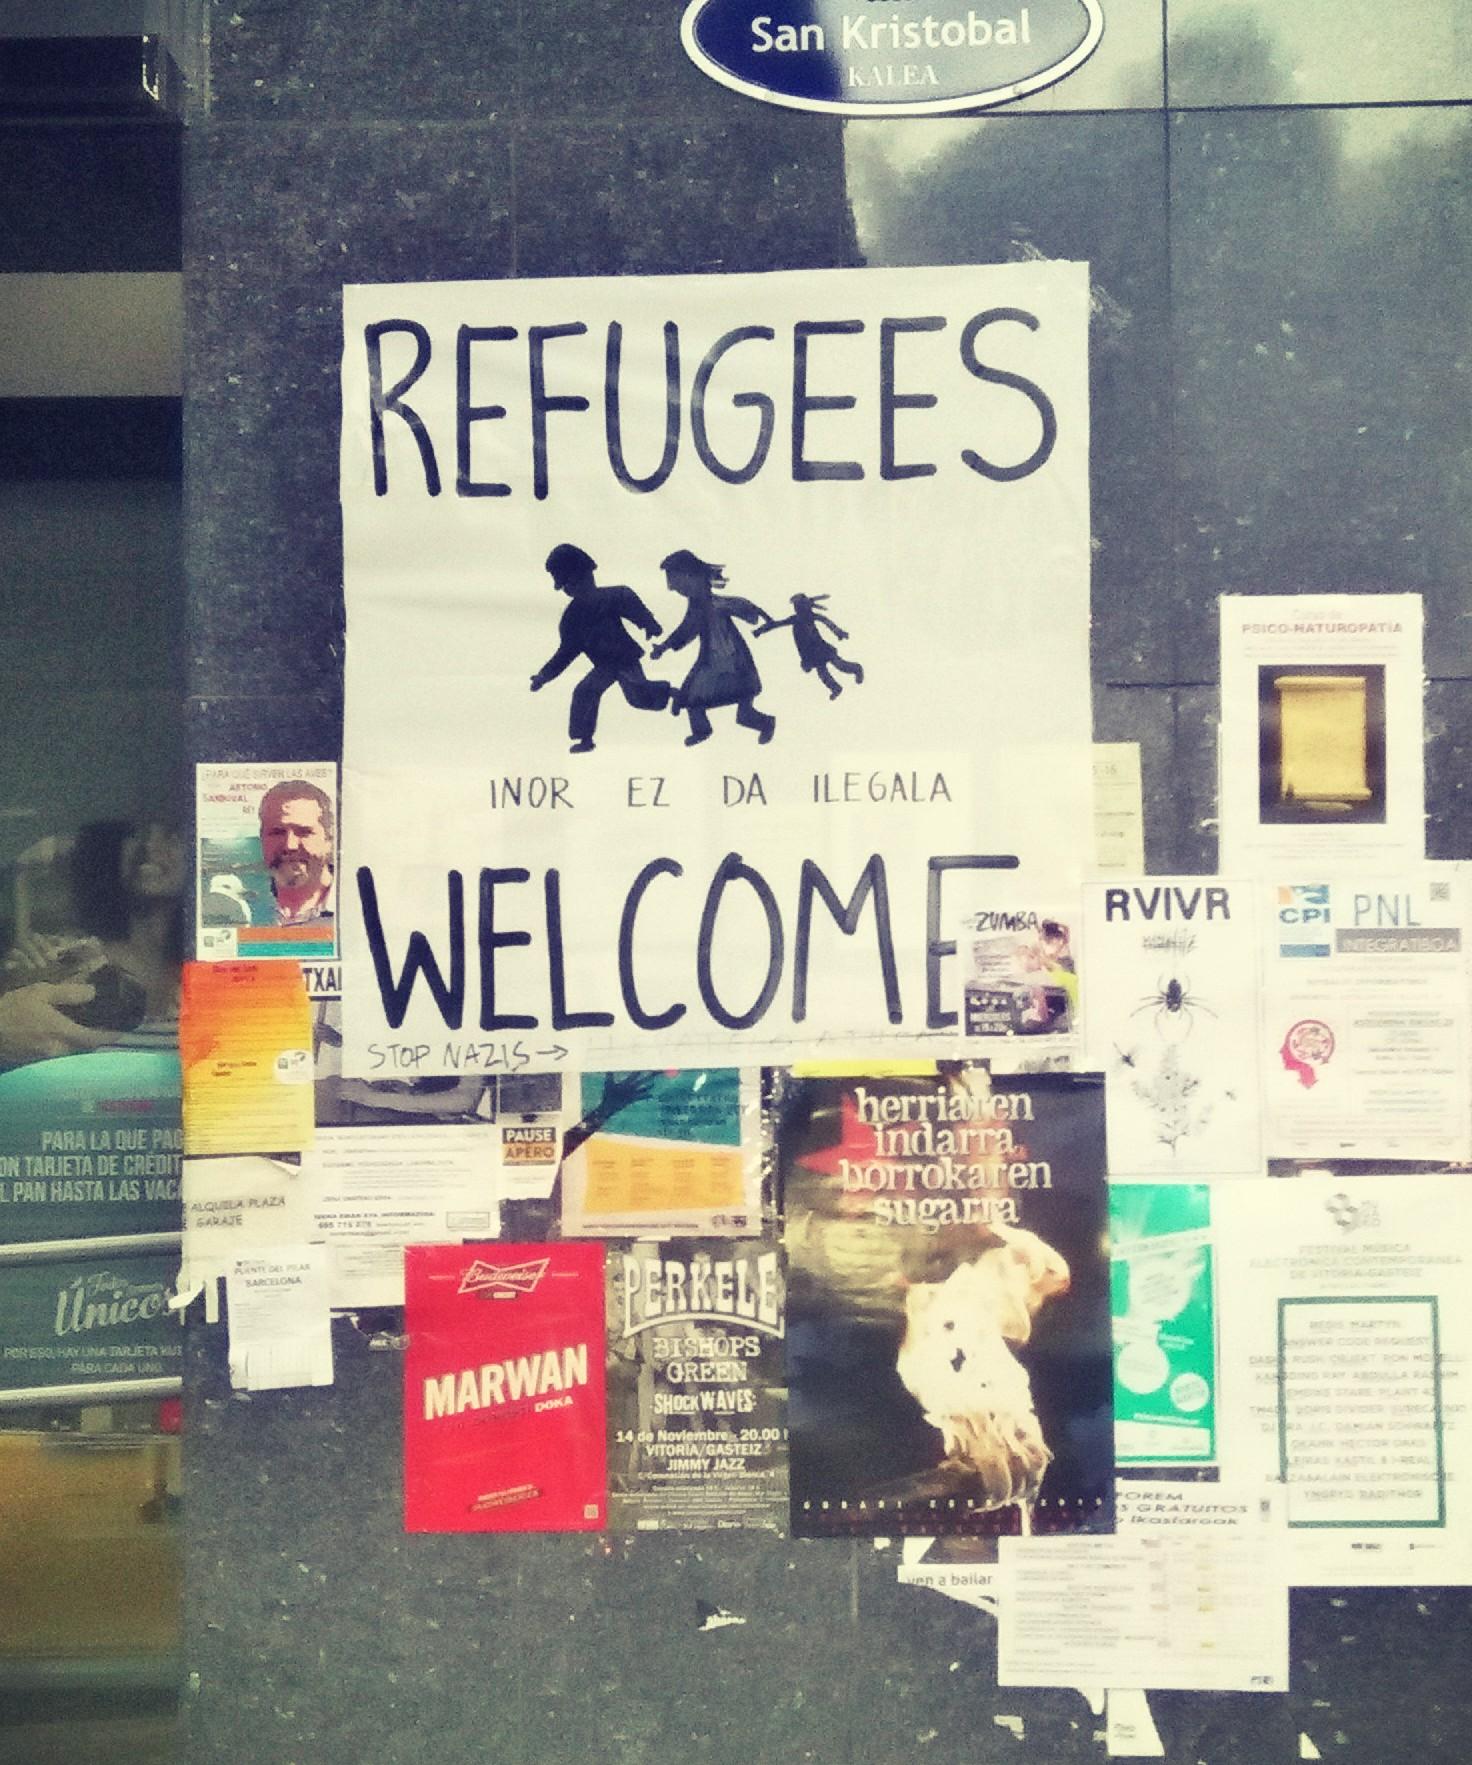 El ideal de la UE en su (escasa) solidaridad con los refugiados